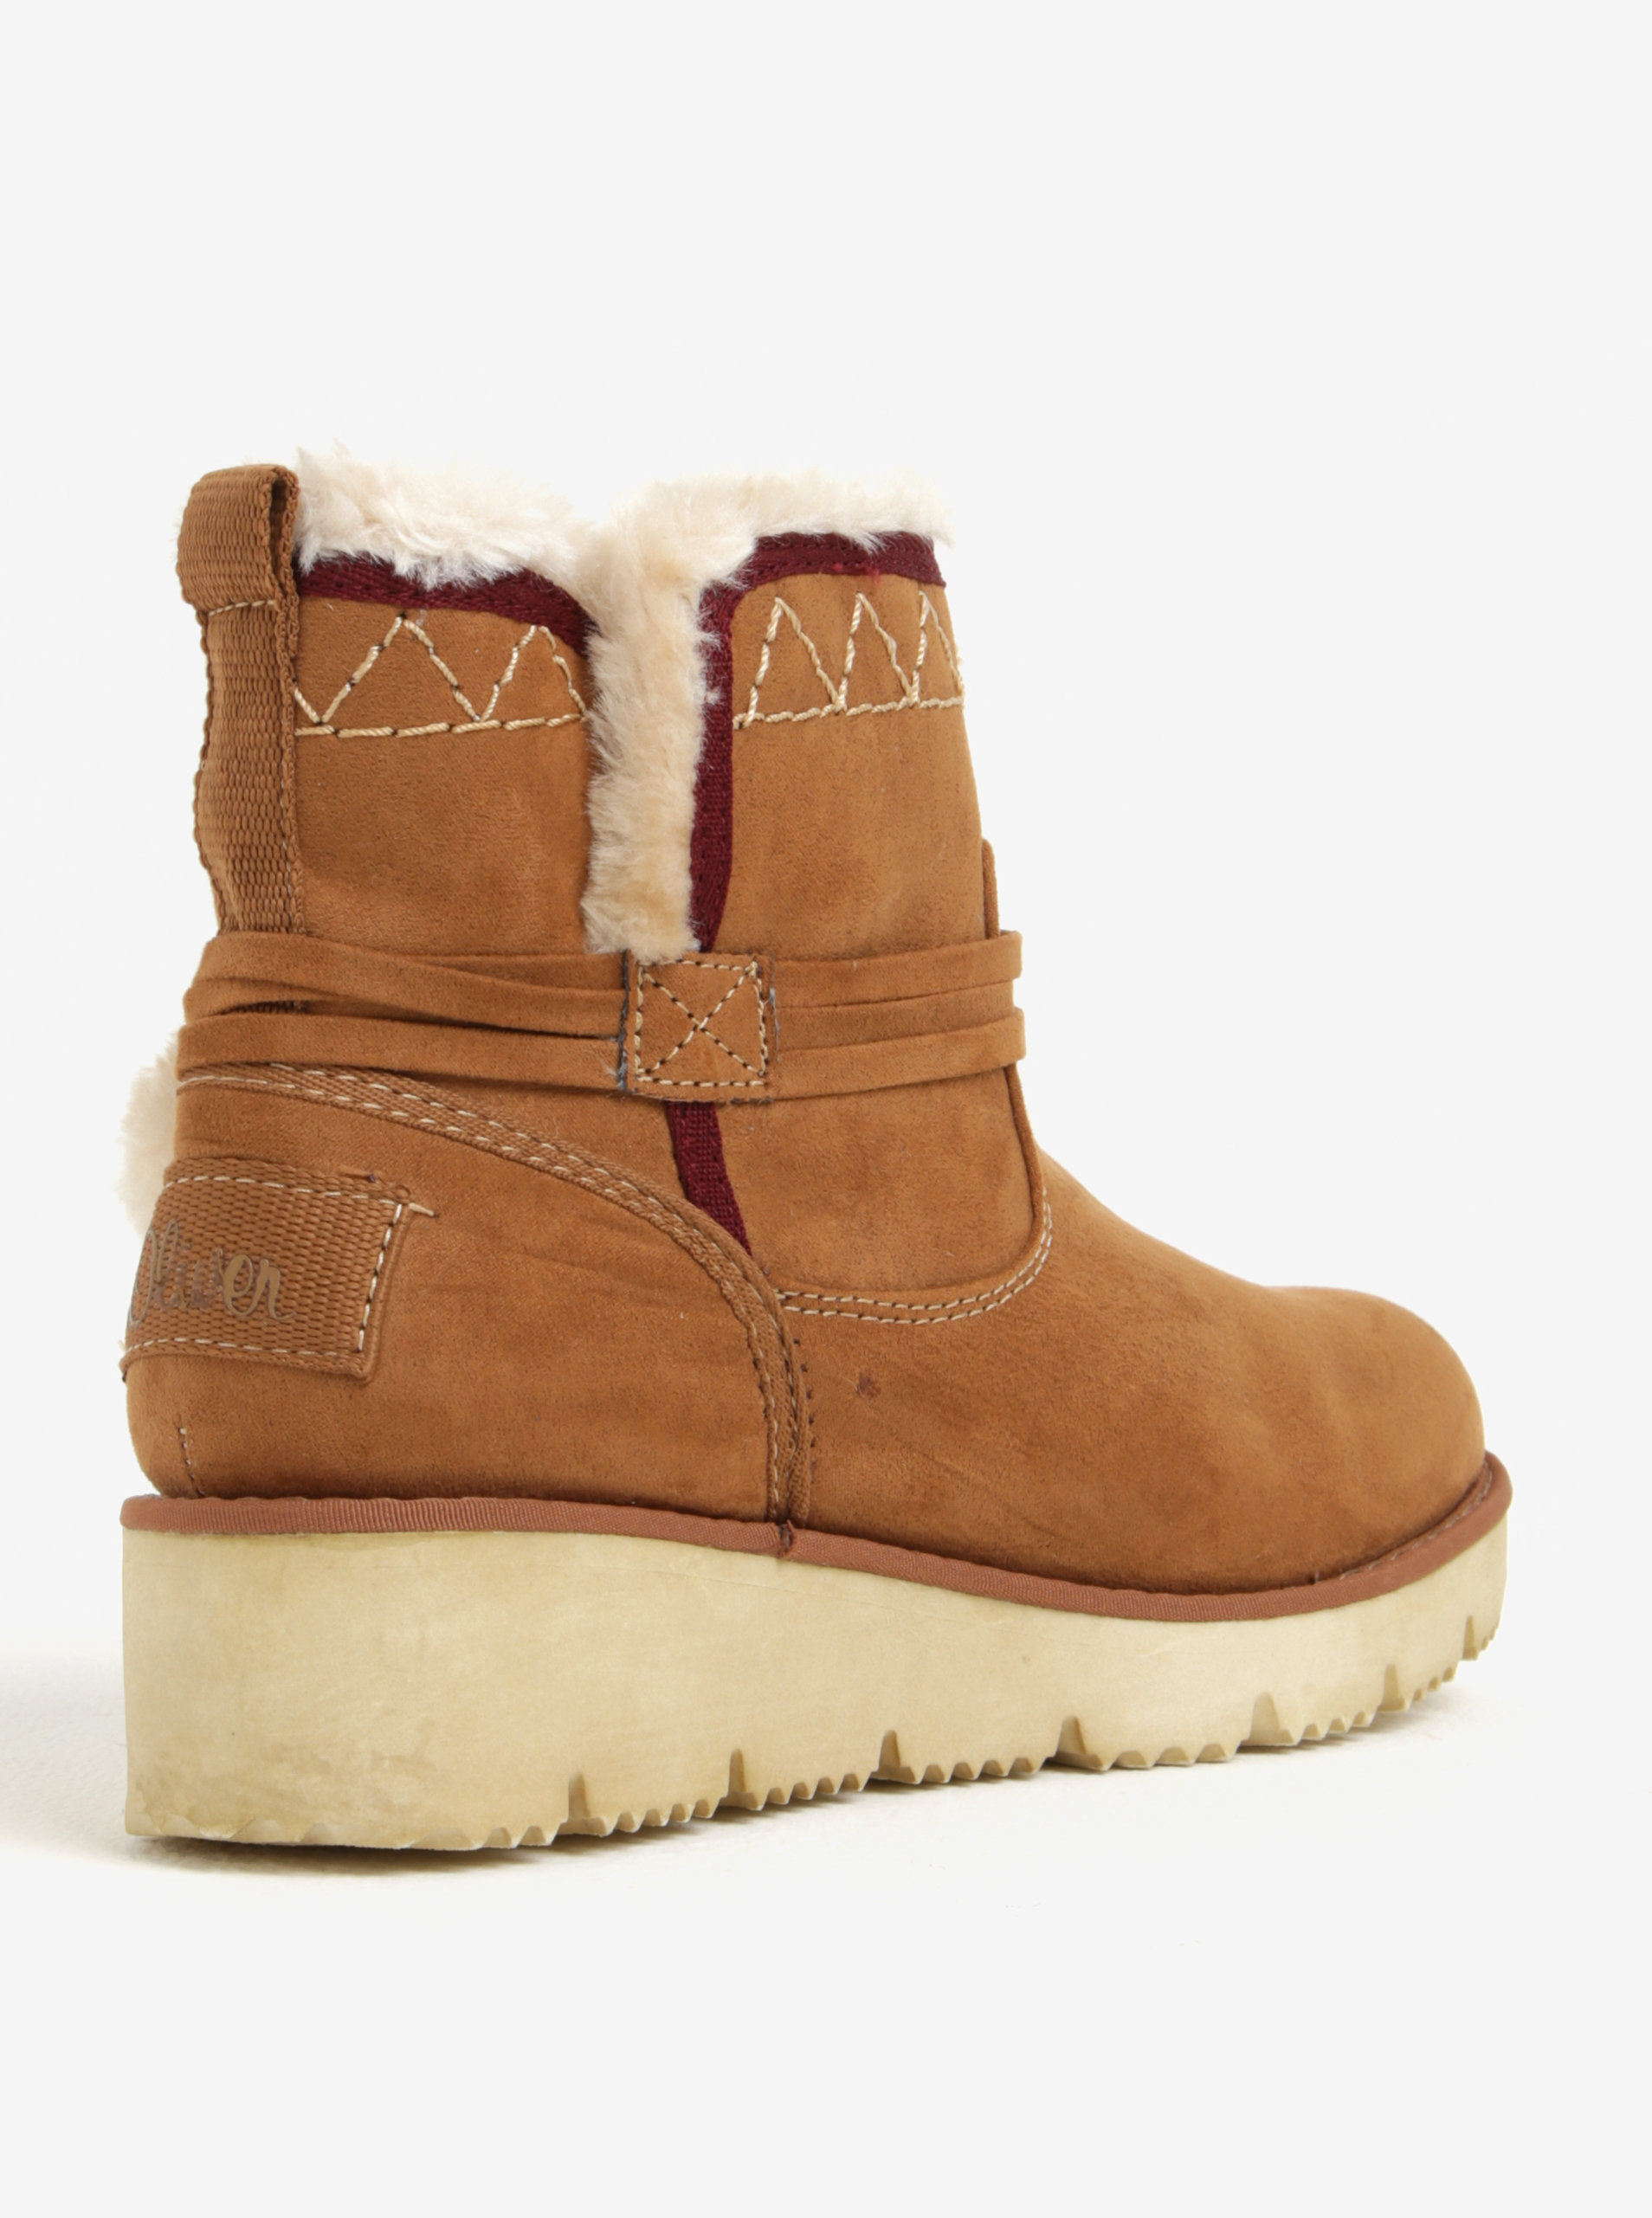 70a0f0bb13 Hnedé dámske zimné členkové topánky v semišovej úprave na platforme ...